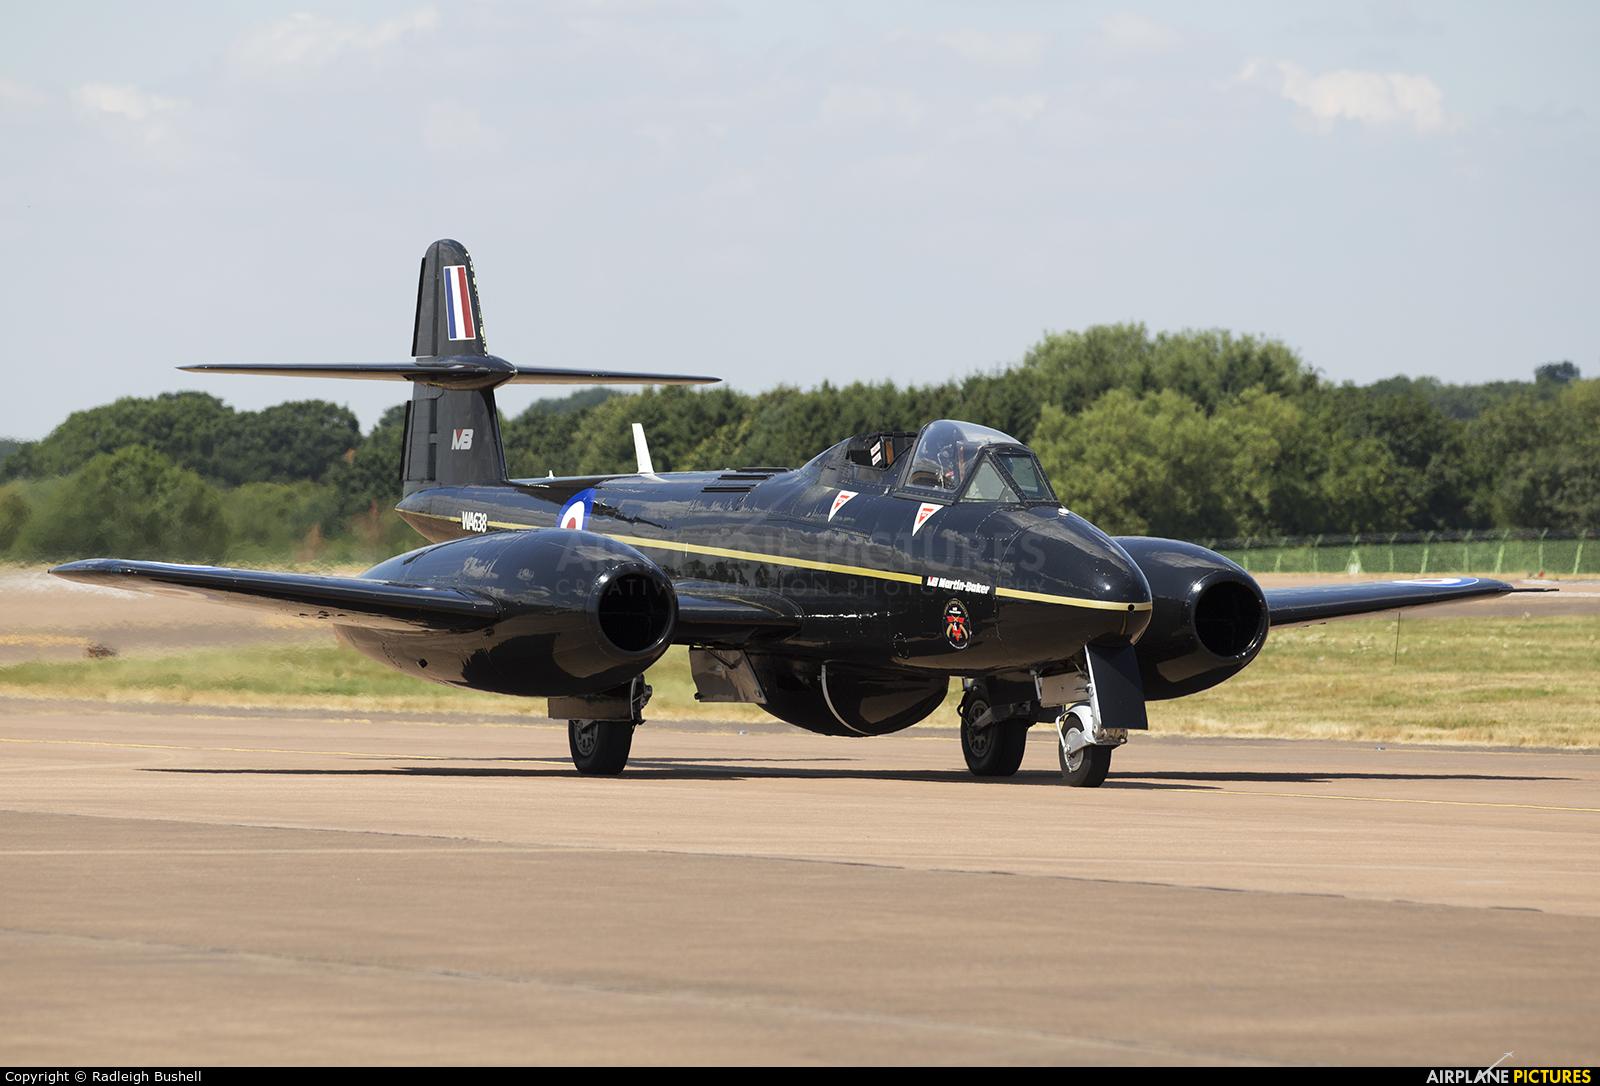 Martin Baker WA638 aircraft at Fairford